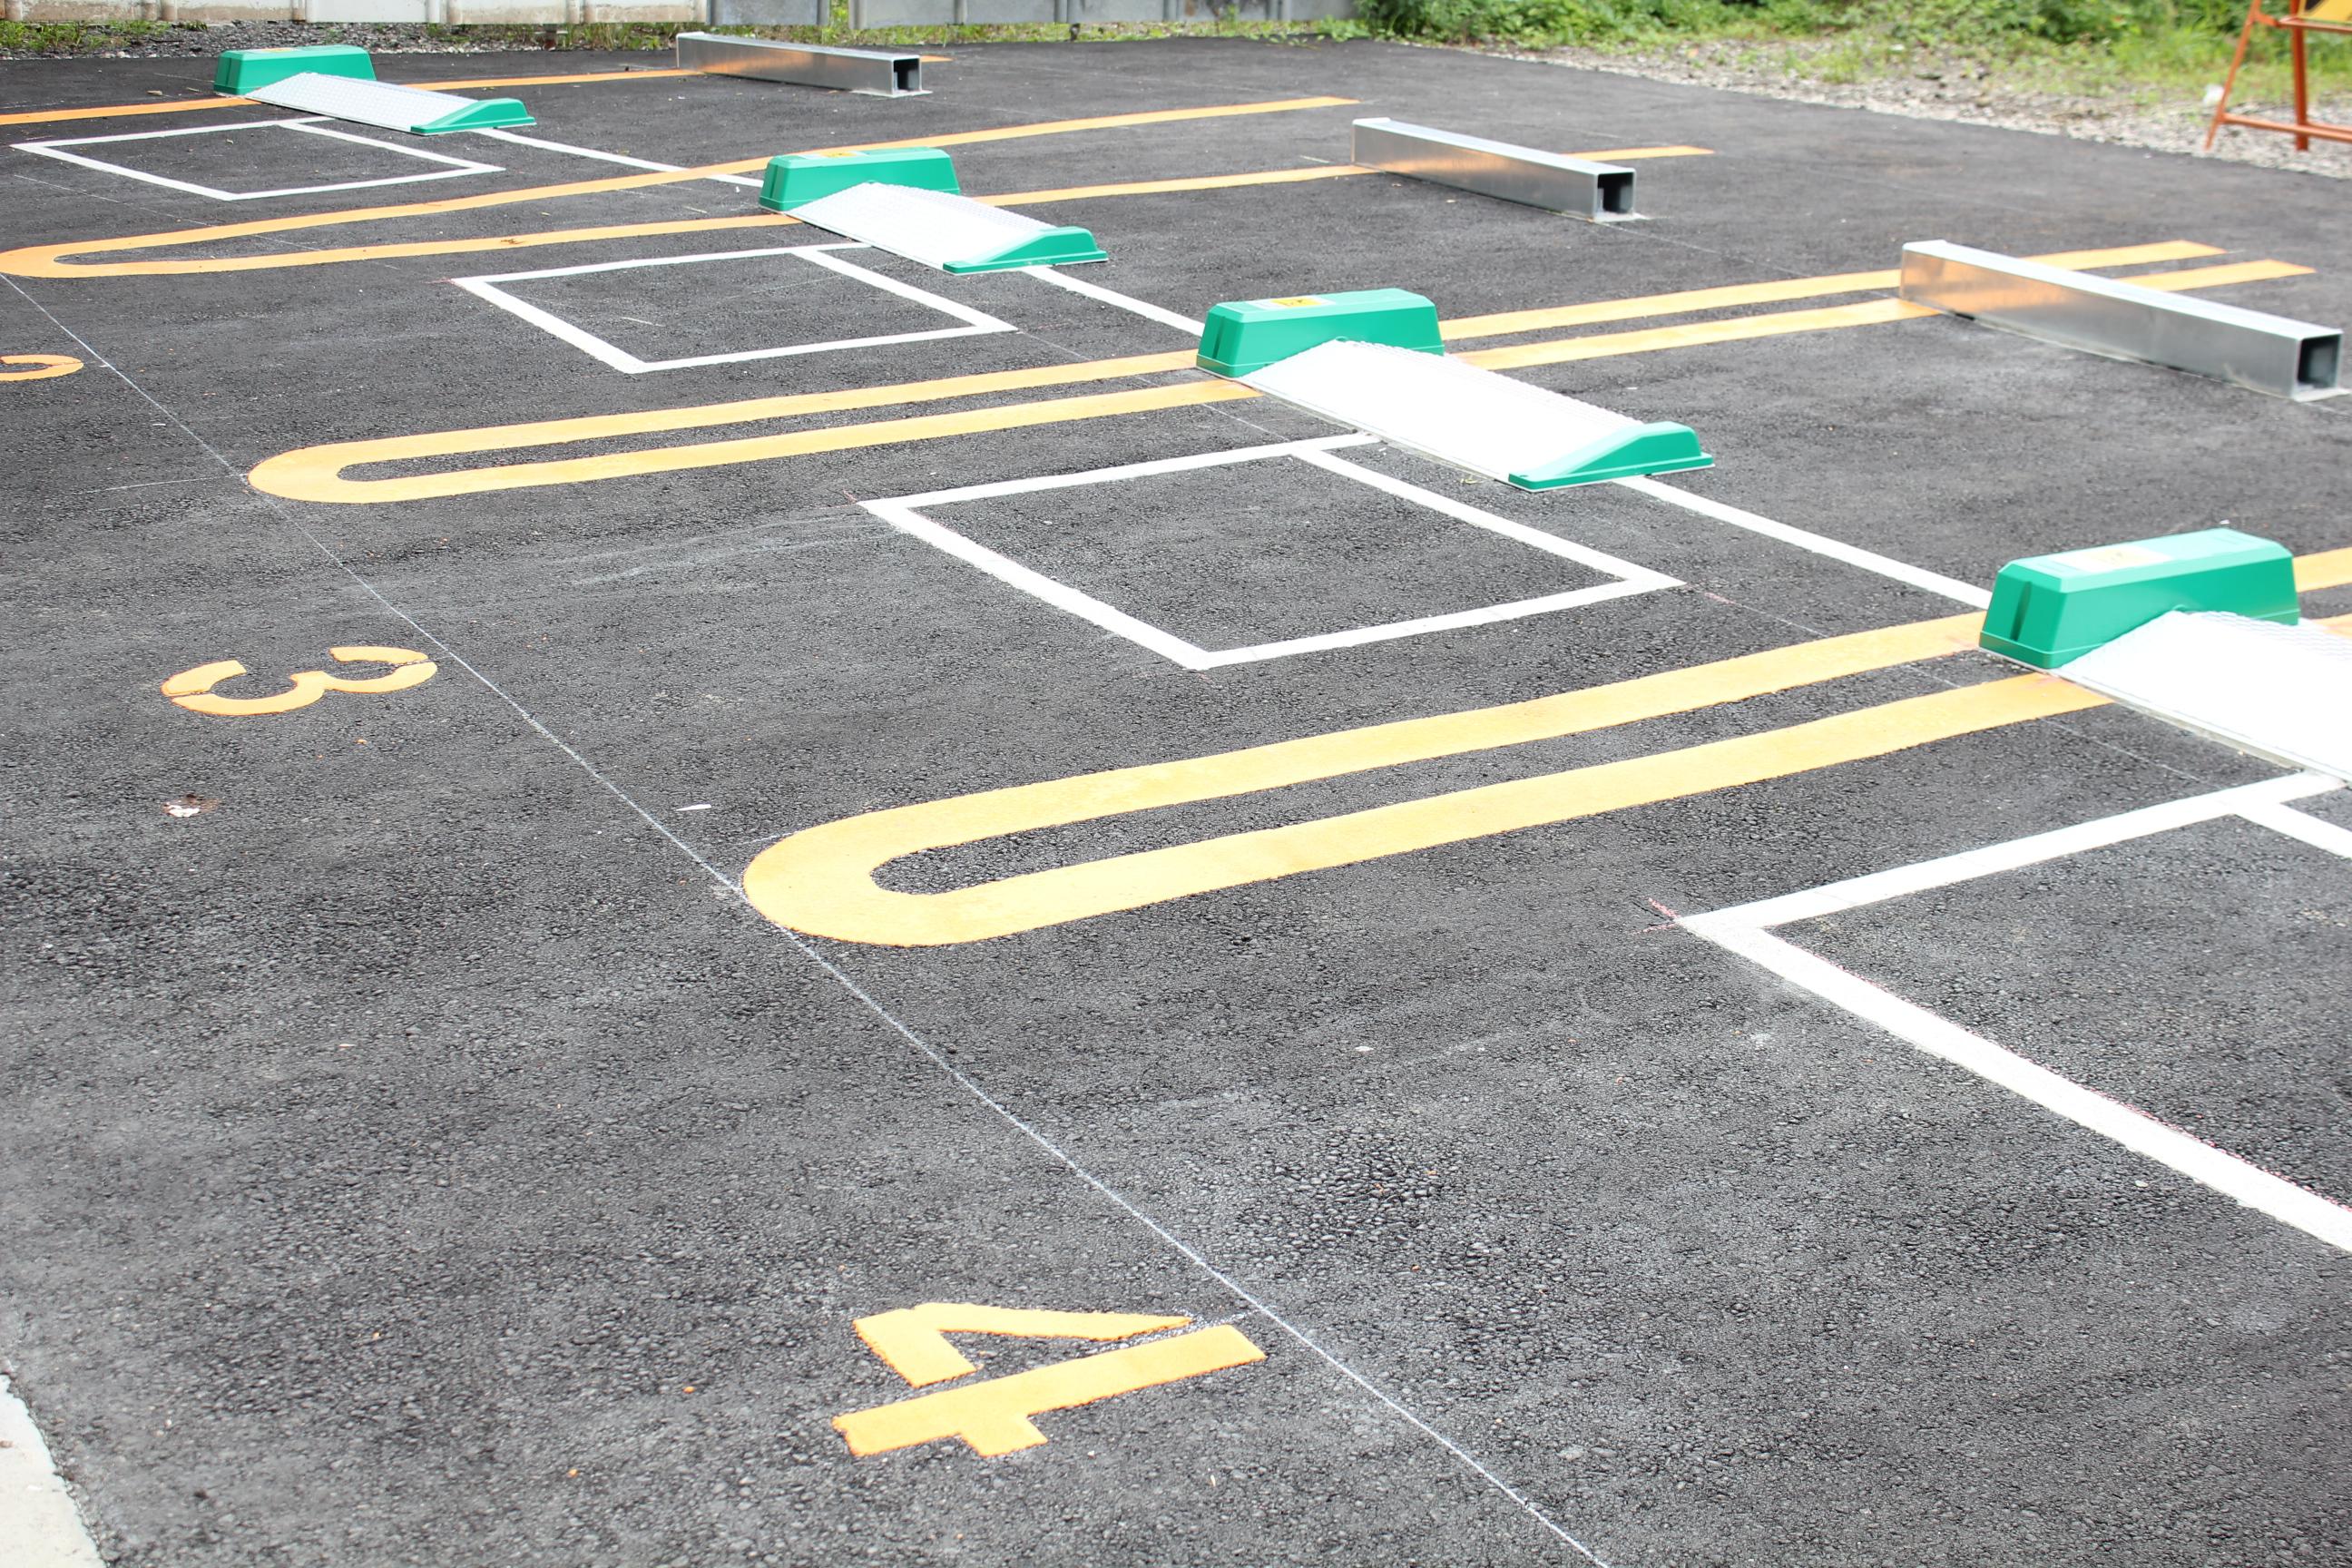 パナソニック製の駐車場用LED投光器を設置するならこんな場所がおすすめです。